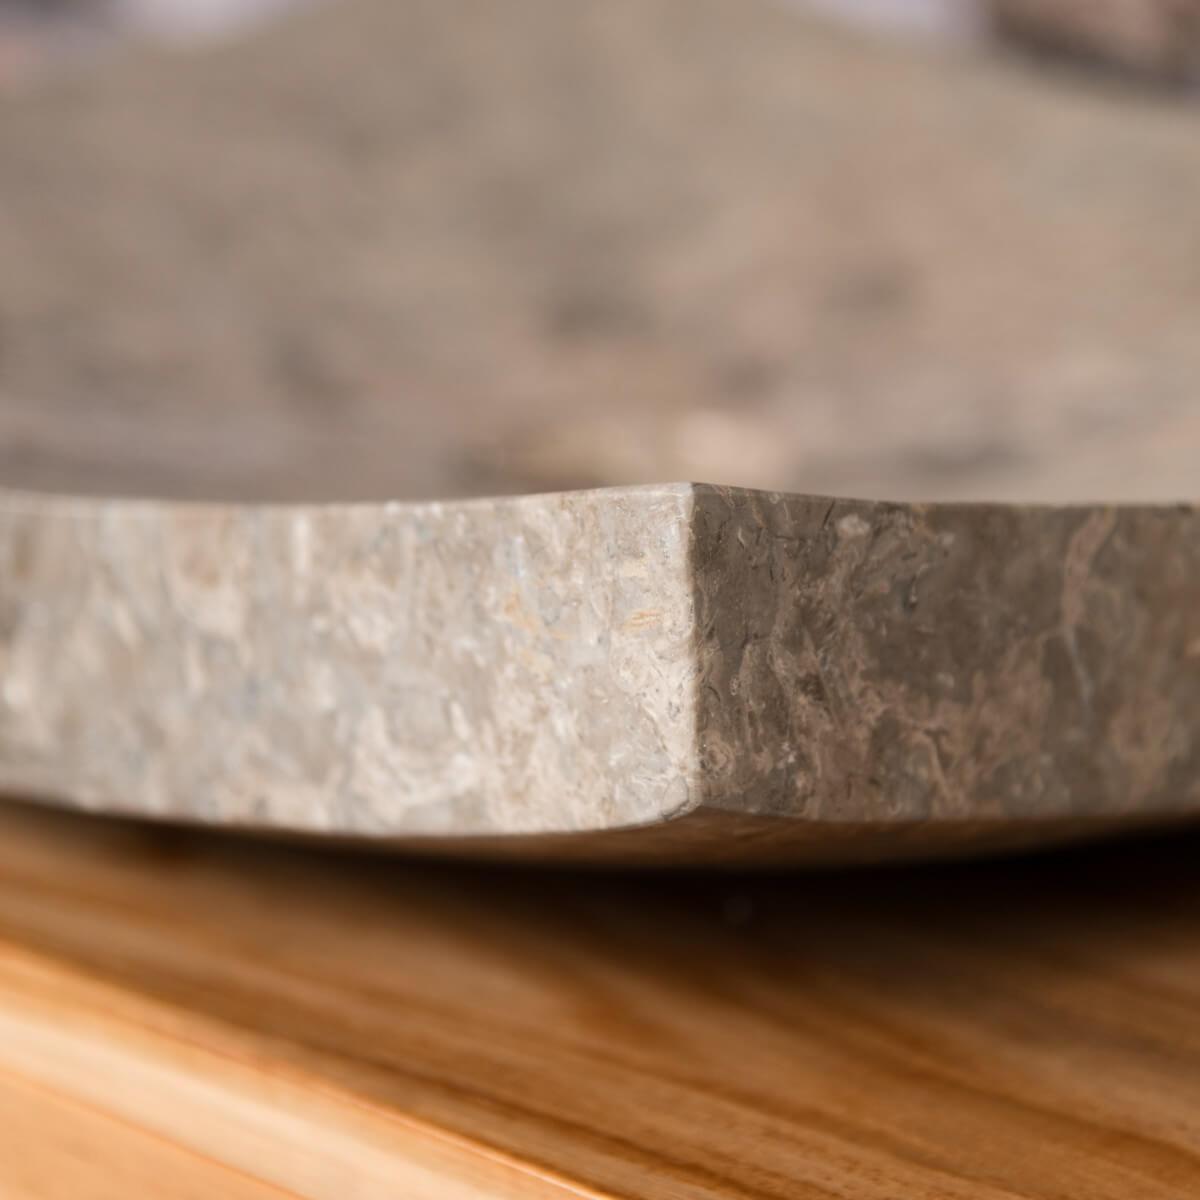 Lavabo encimera grande gris 50 cm rect ngulo de m rmol for Encimera marmol gris